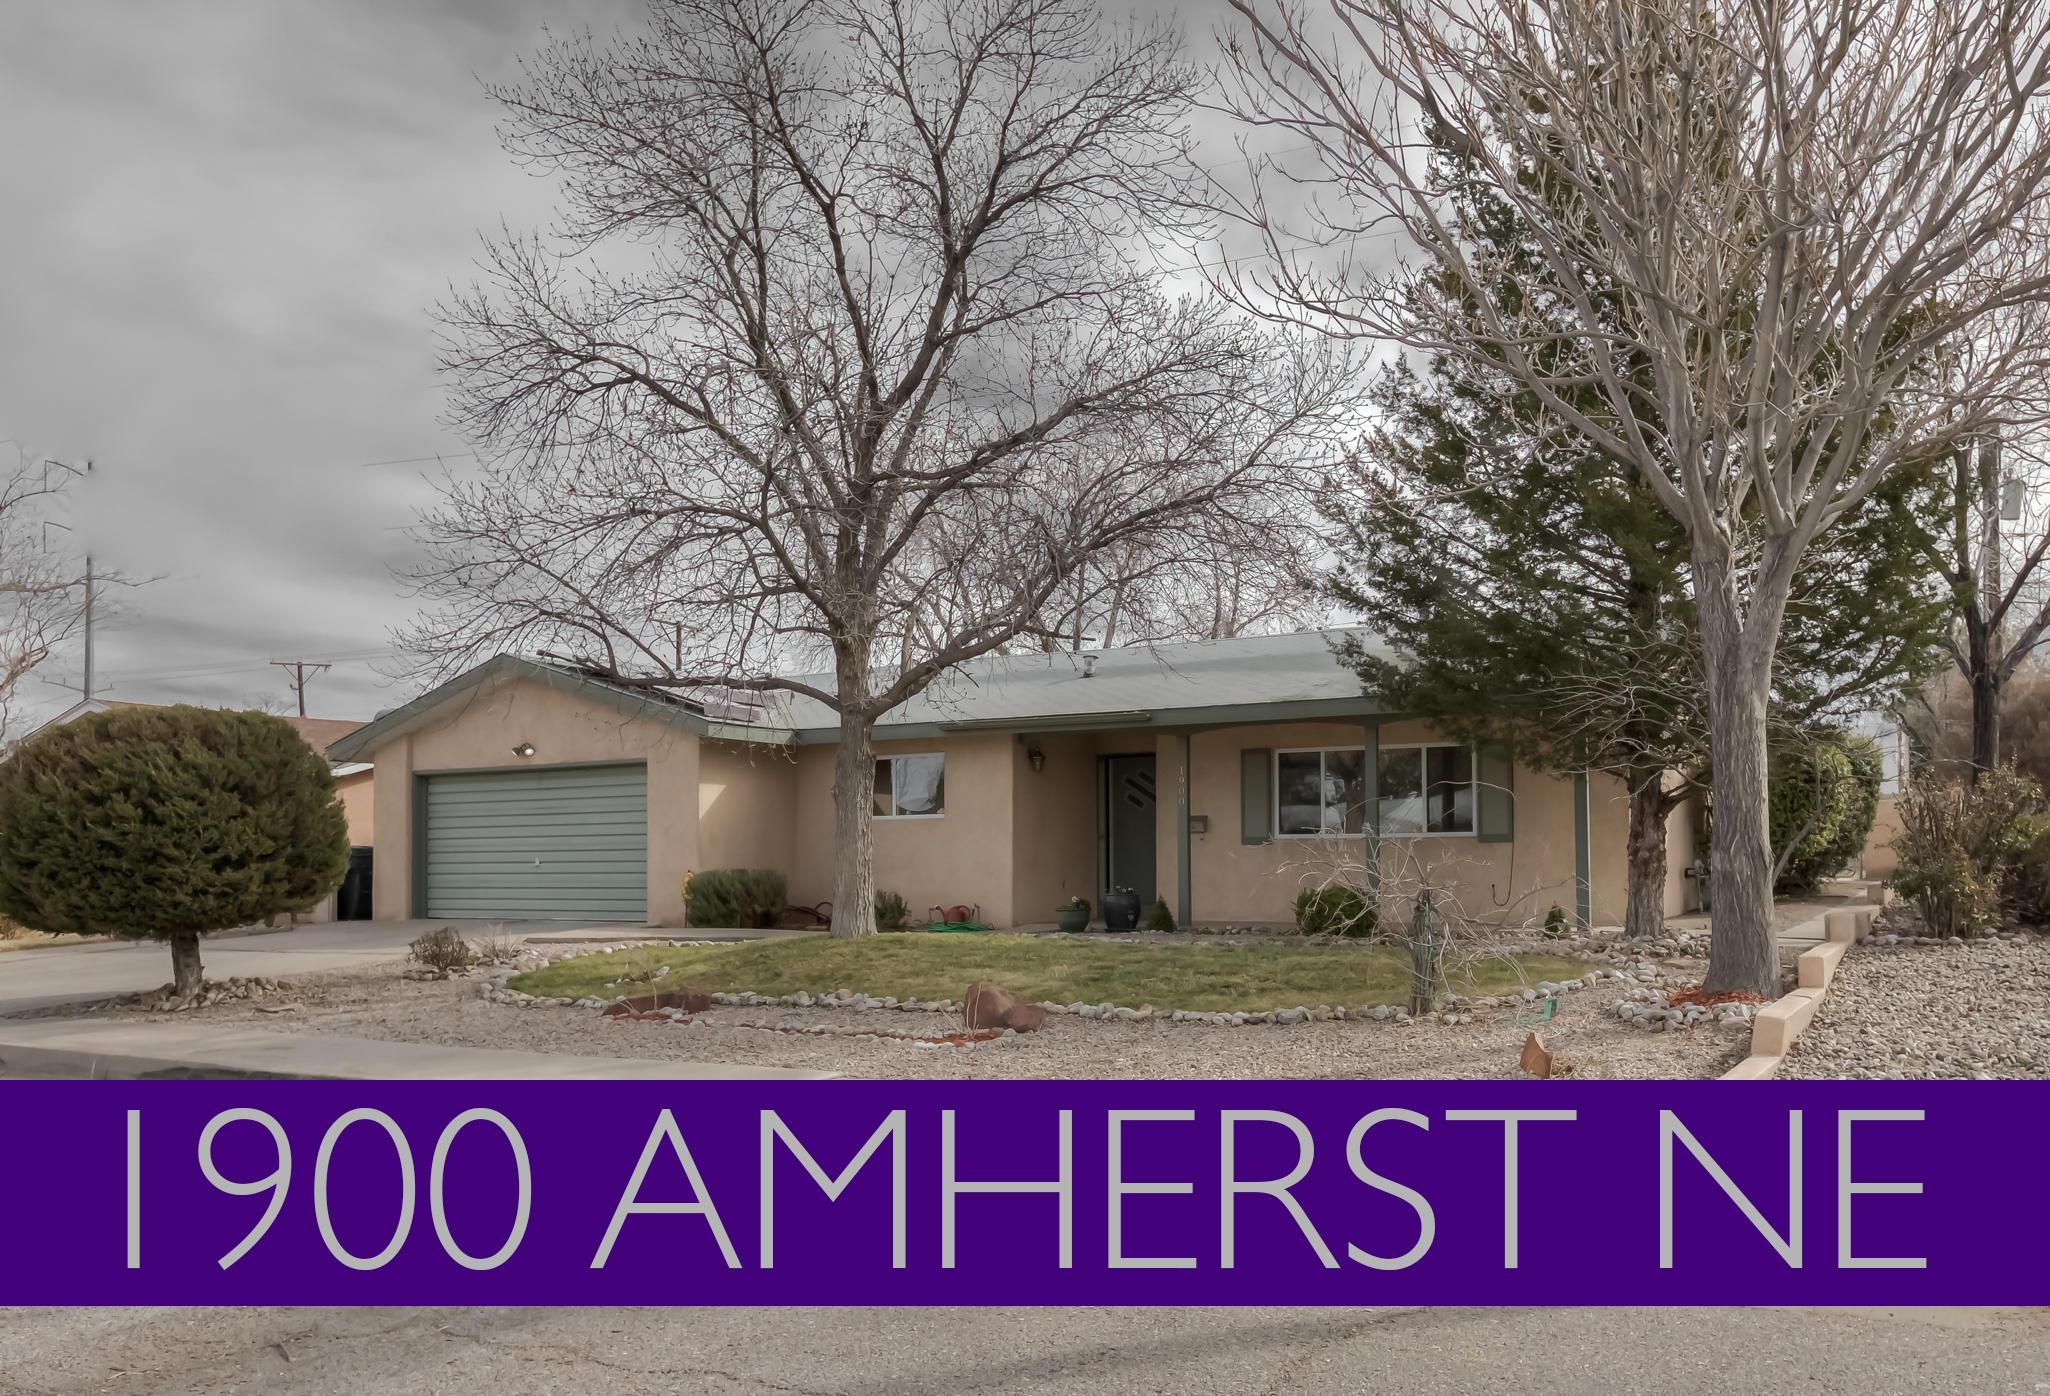 1900 Amherst Drive NE, Albuquerque, NM 87106